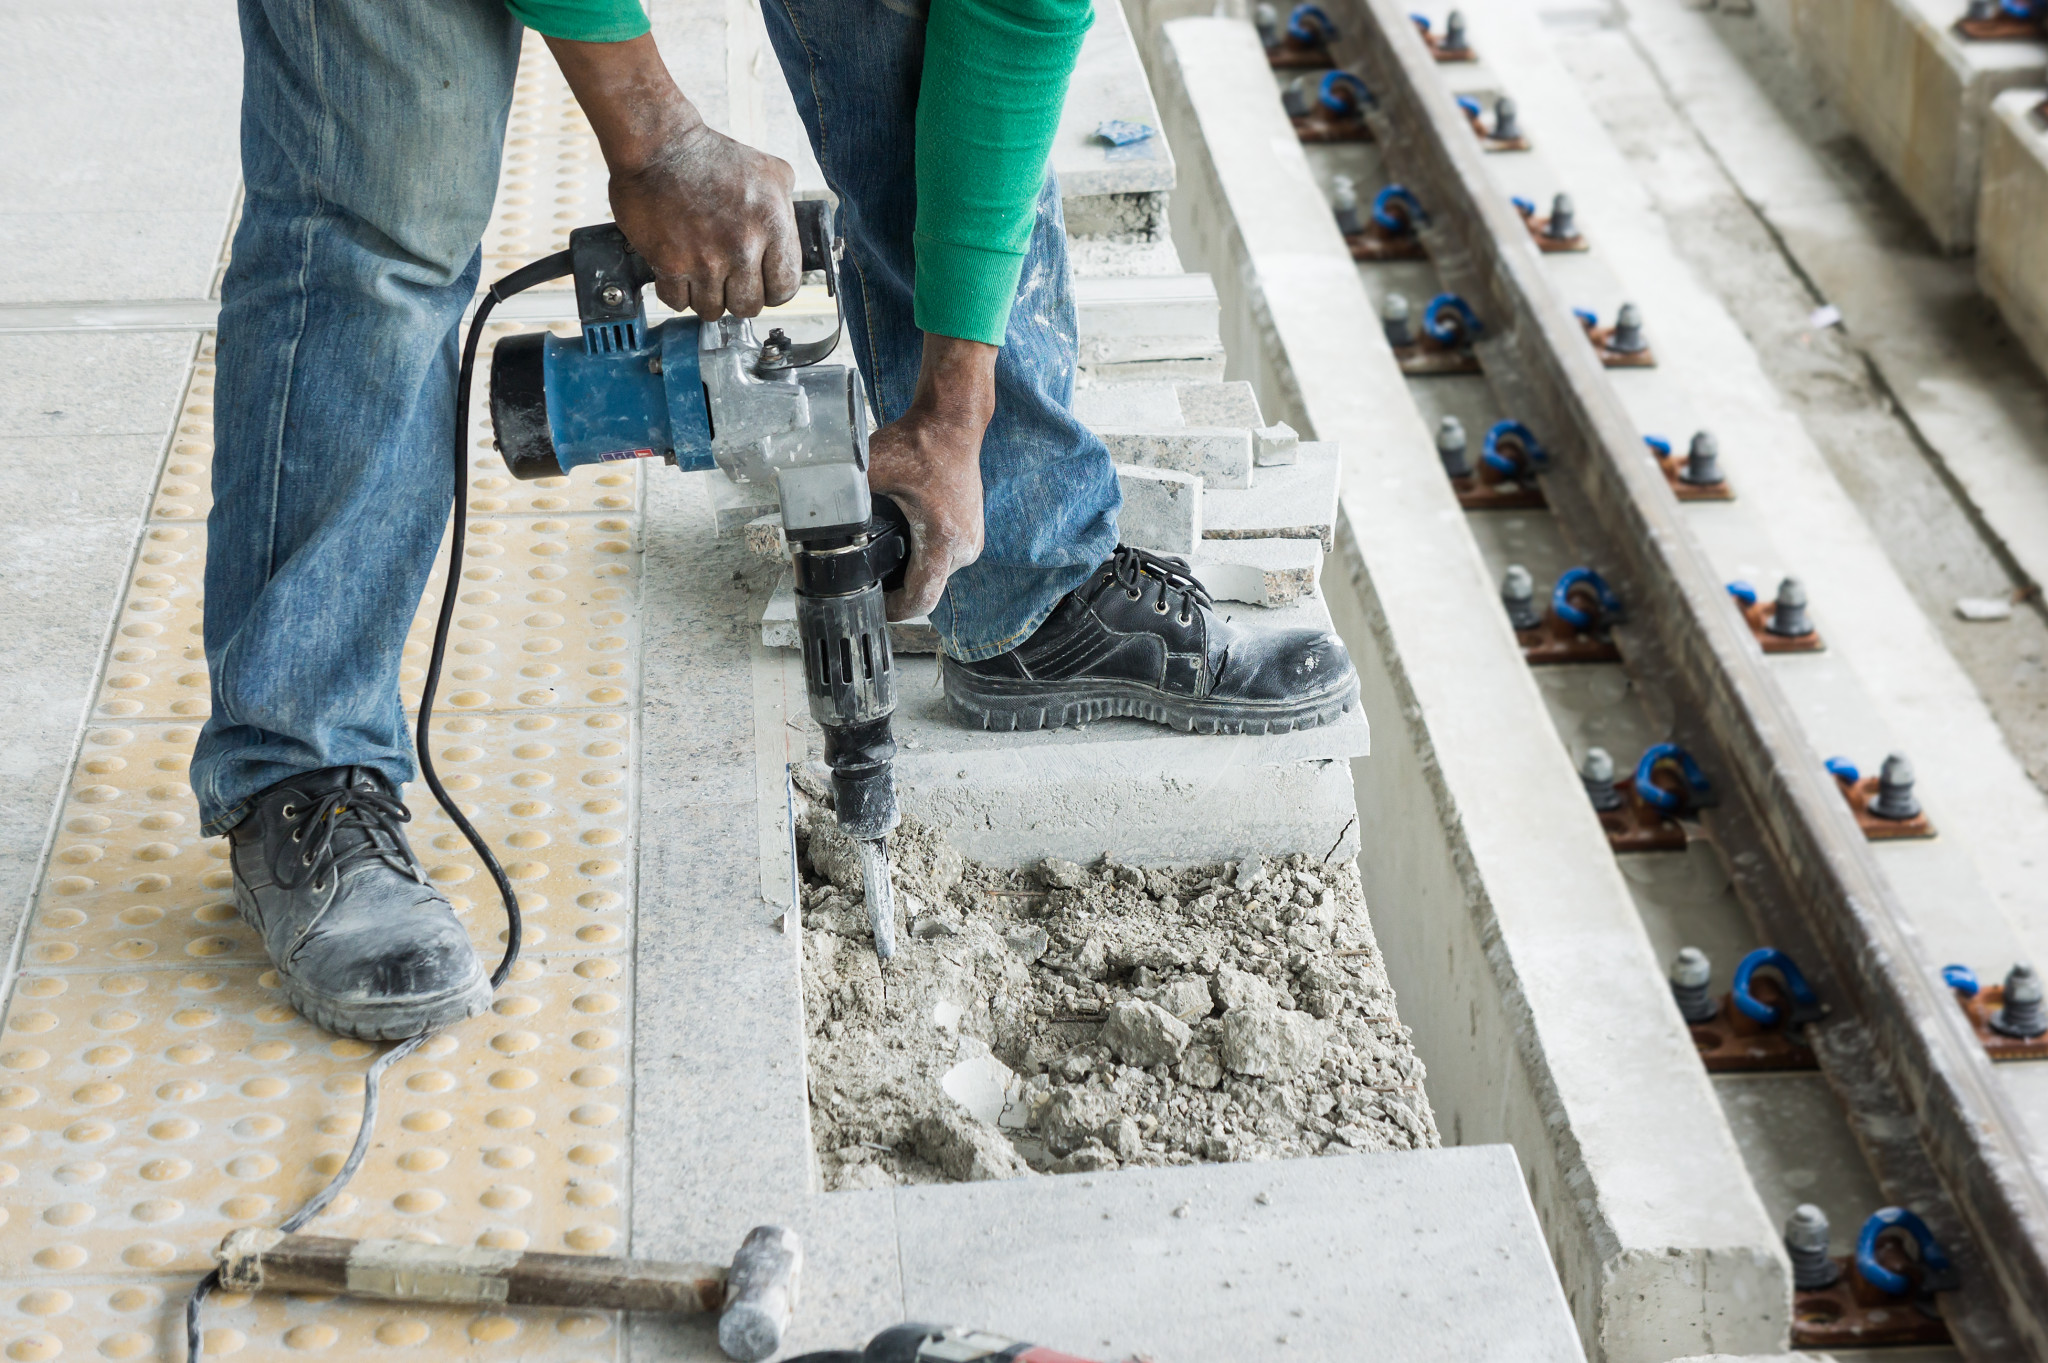 Arbetare med slagborr krossar cement